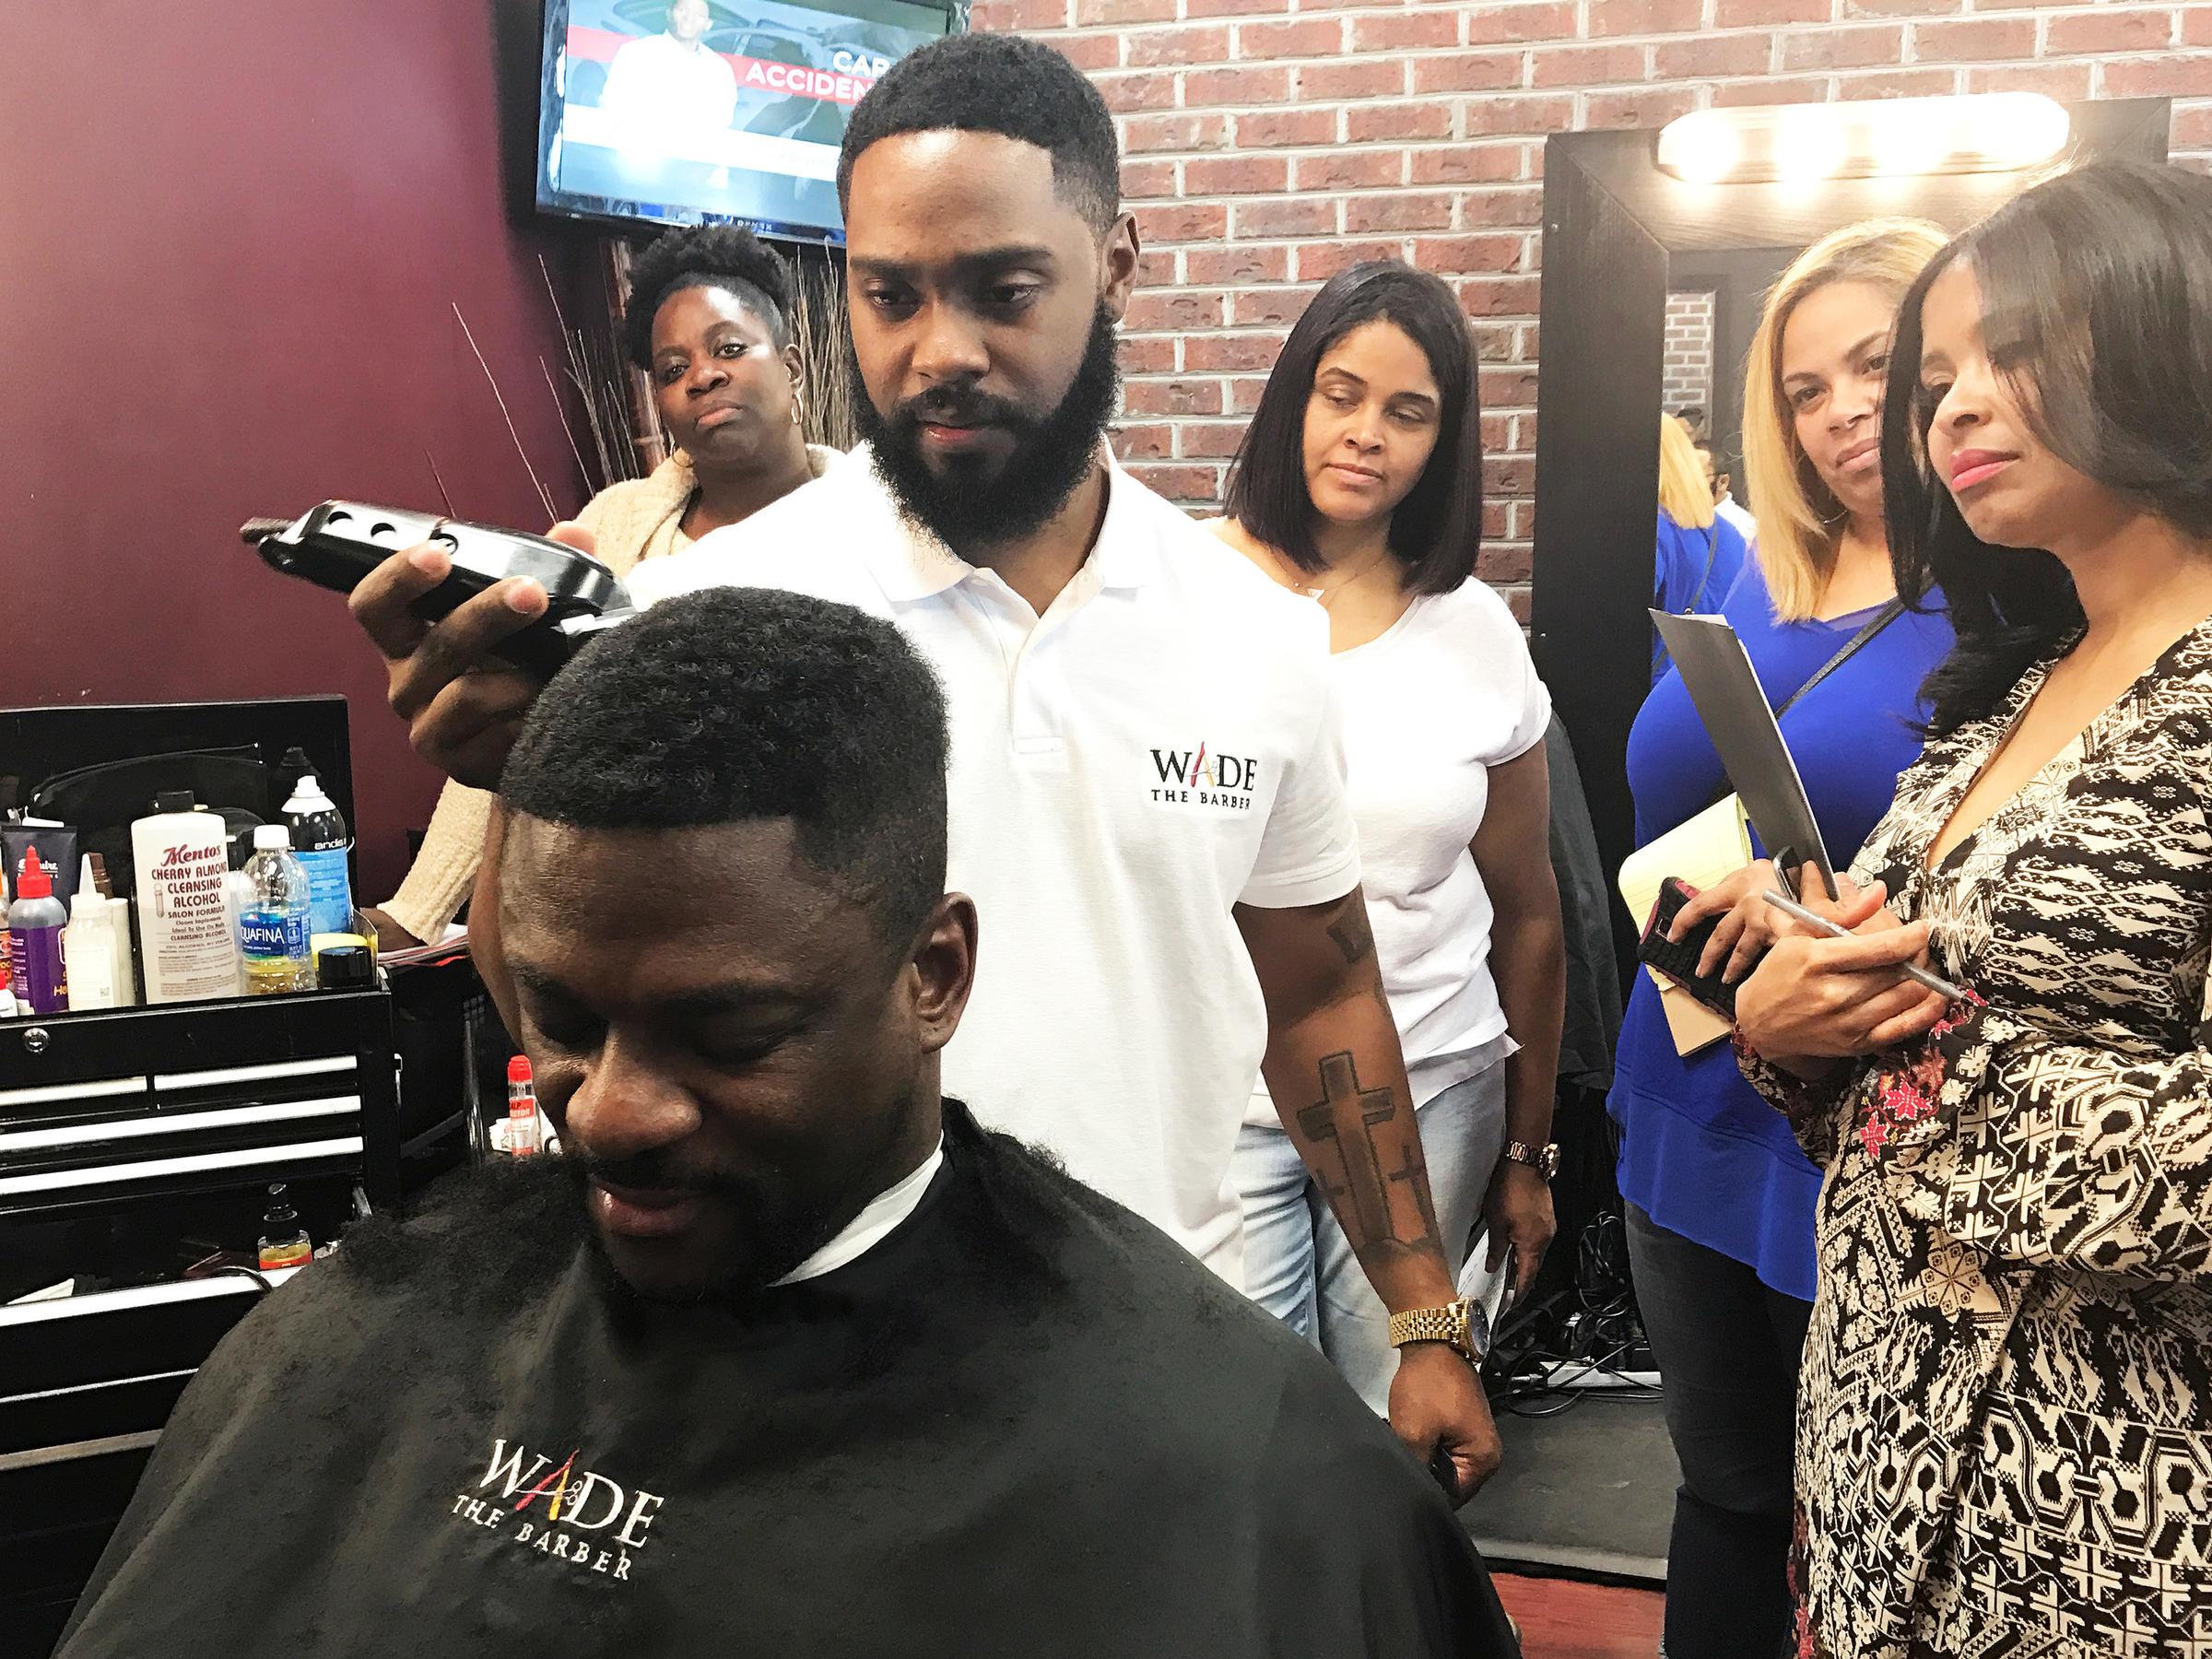 Man Weaves Offer Cover For Balding Men Cash For Black Hair Care